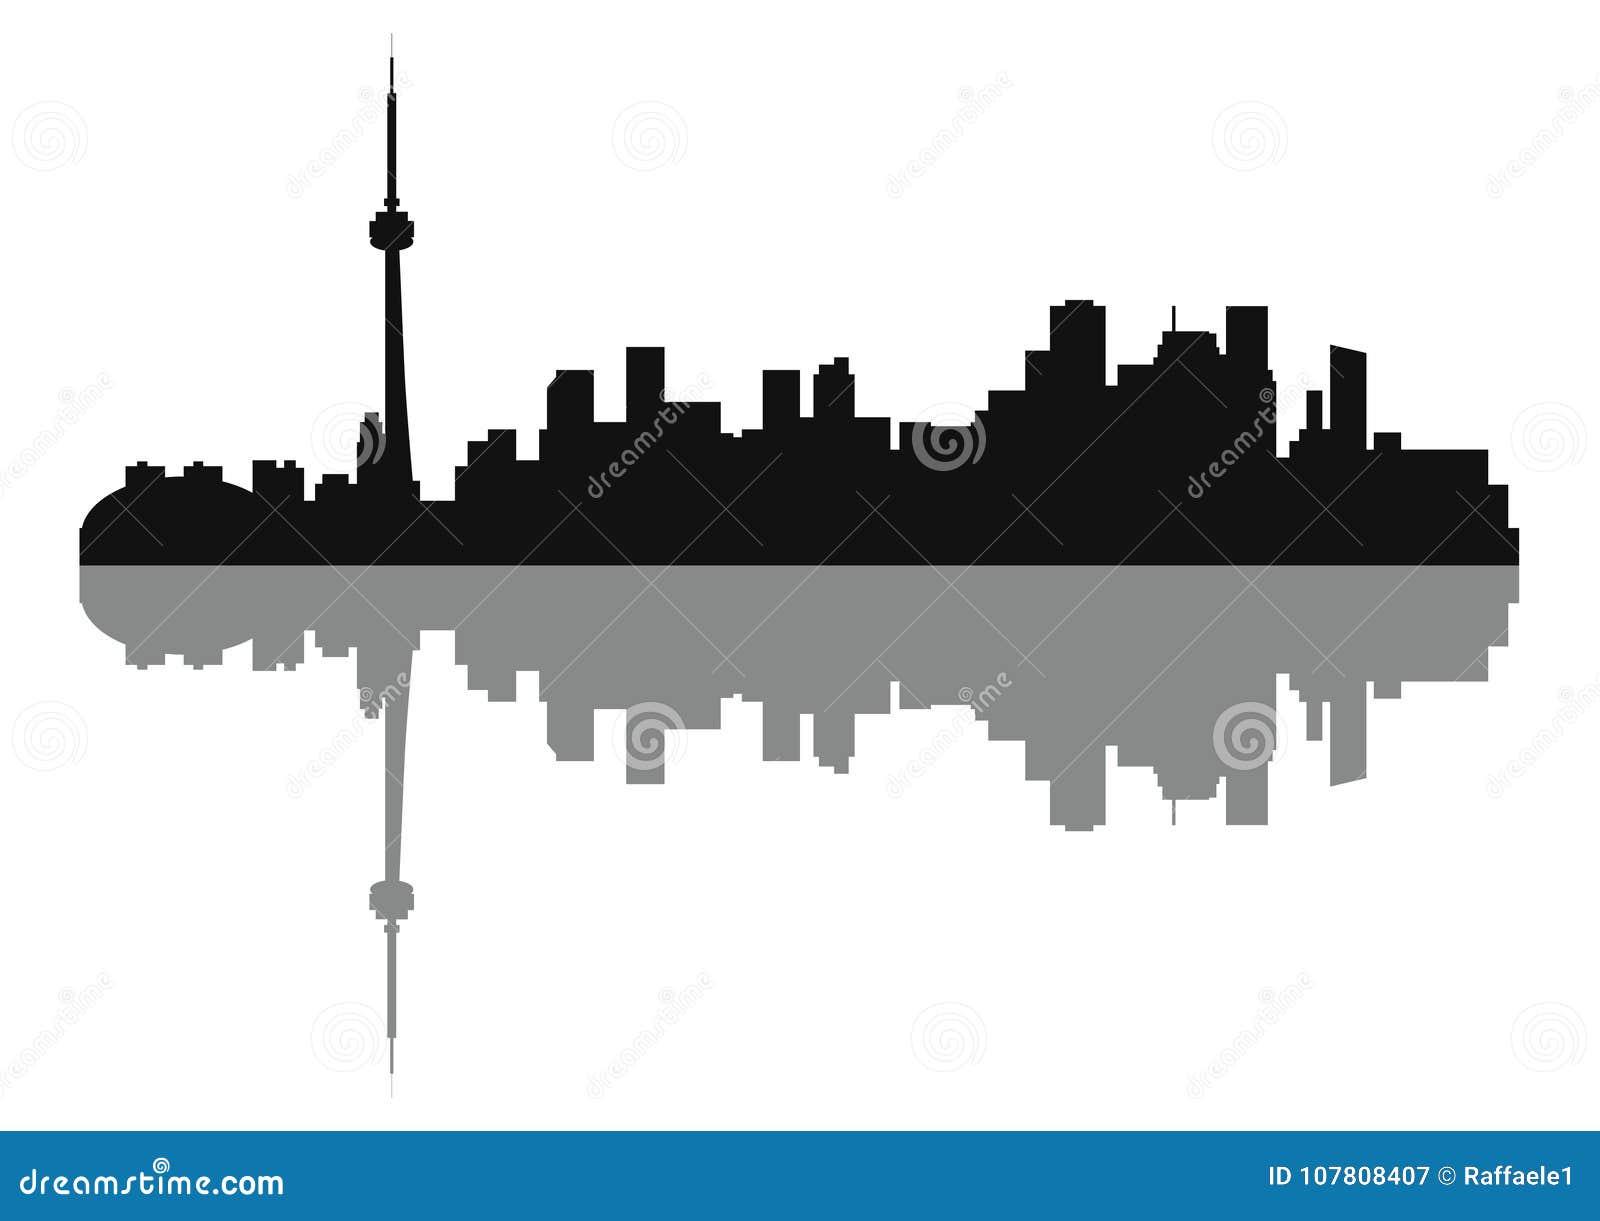 Silhouette of Skyline Toronto City